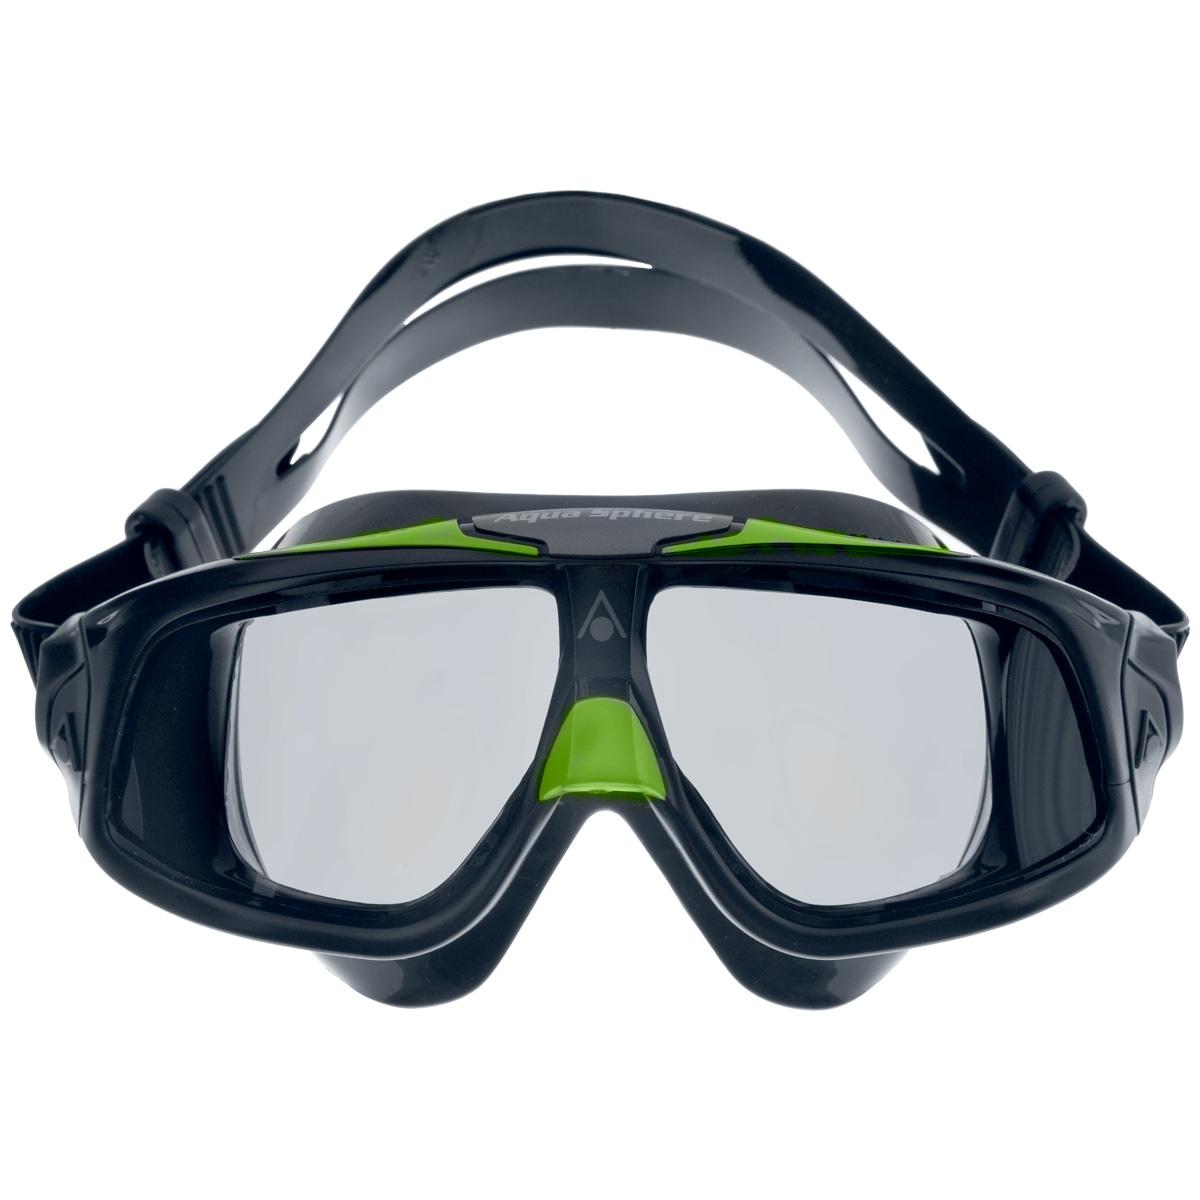 Очки для плавания Aqua Sphere Seal 2.0, цвет: черный, зеленыйTN 175150Aqua Sphere Seal 2.0 являются идеальными очками для тех, кто пользуется контактными линзами, так как они обеспечивают высокий уровень защиты глаз от внешних раздражителей, бактерий, соли и хлора. Особая форма линз обеспечивает панорамный обзор 180°. Очки дают 100% защиту от ультрафиолетового излучения. Специальное покрытие препятствует запотеванию стекол. Материал: силикон, plexisol.